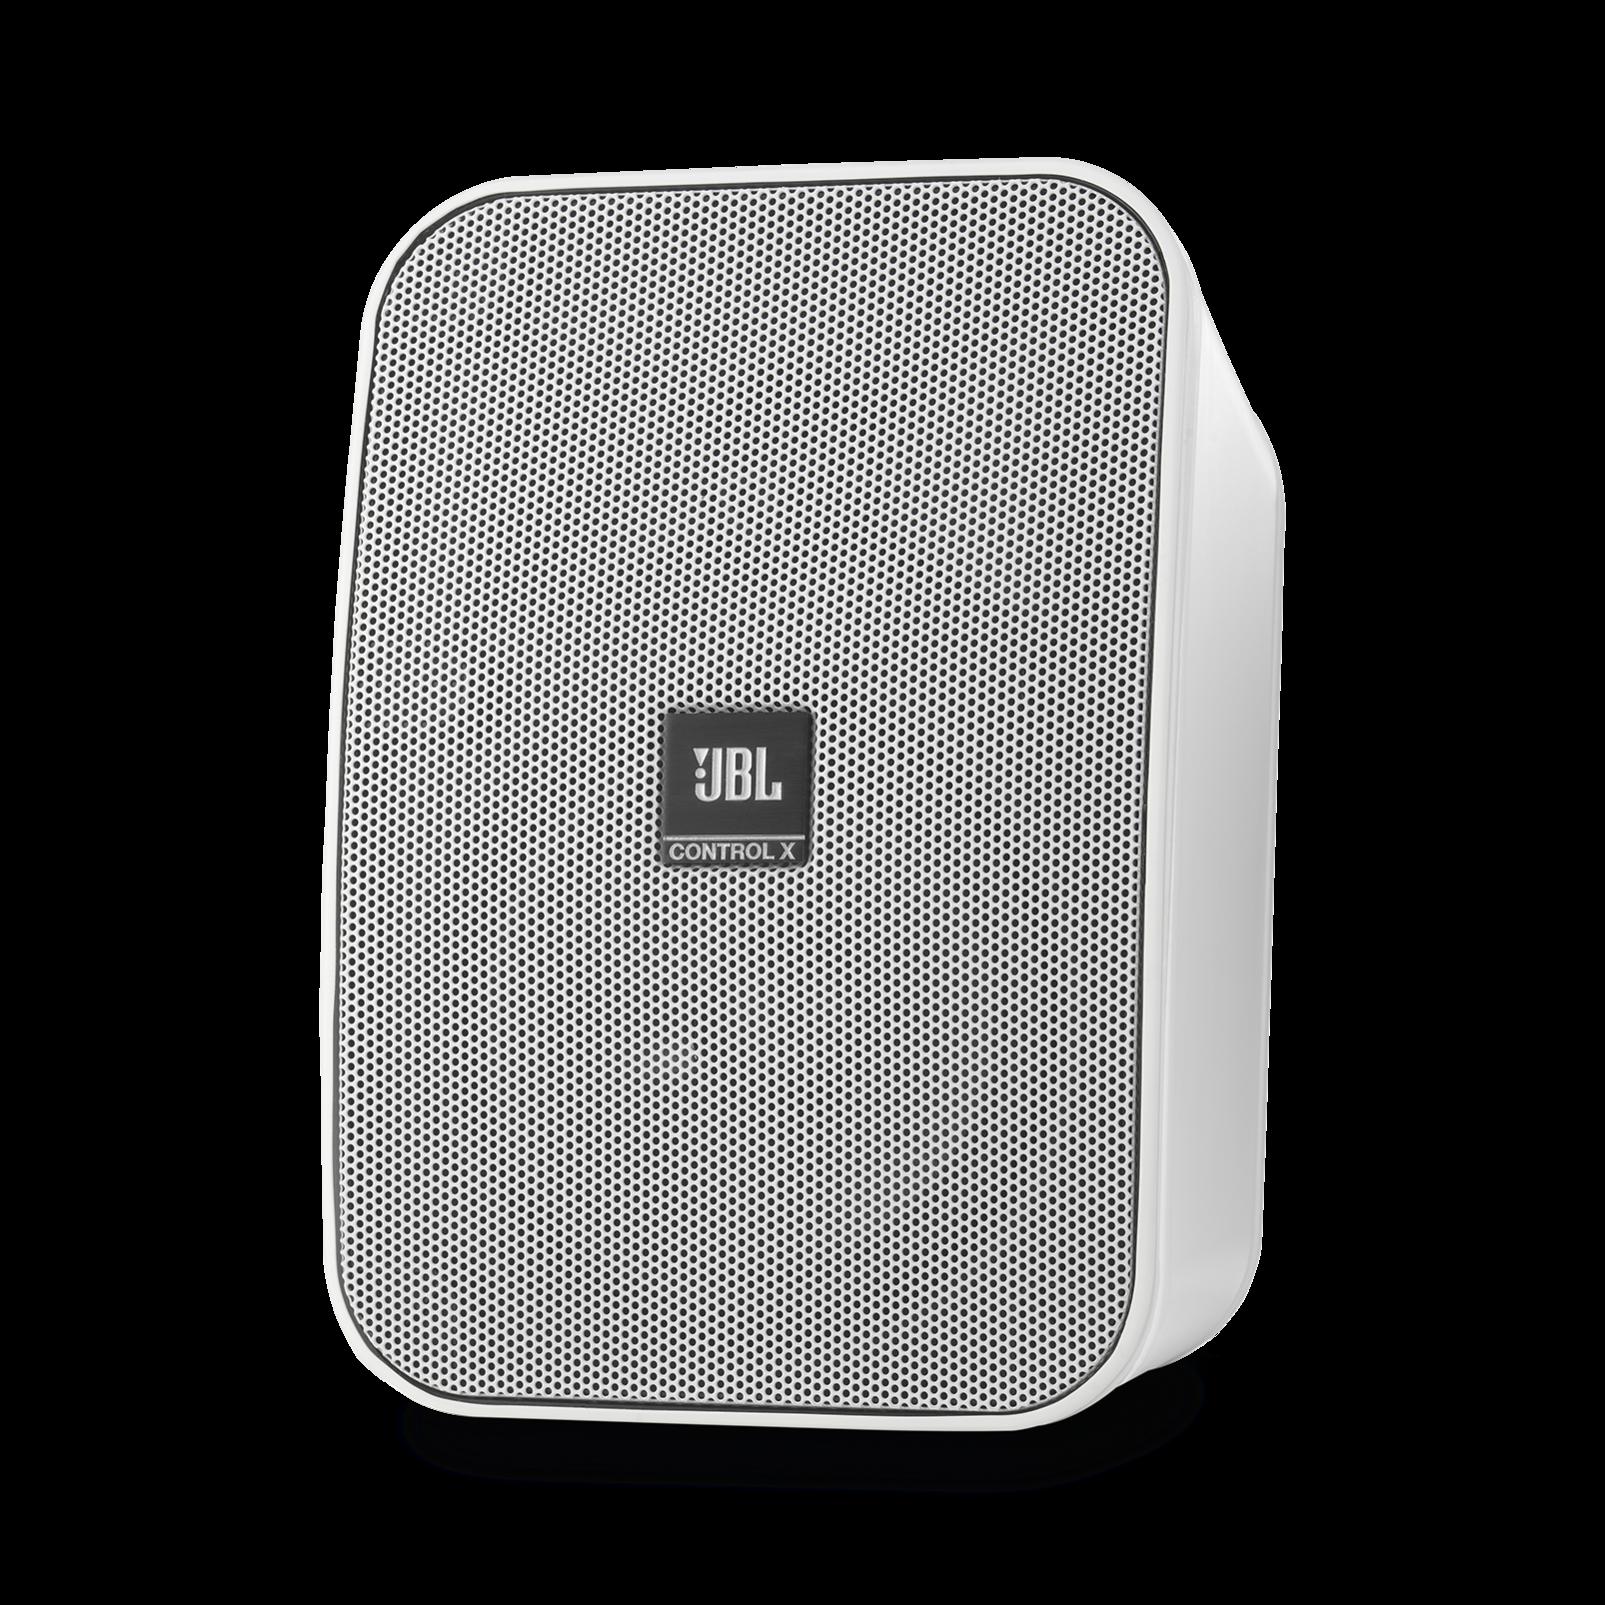 """JBL Control X - White - 5.25"""" (133mm) Indoor / Outdoor Speakers - Detailshot 7"""